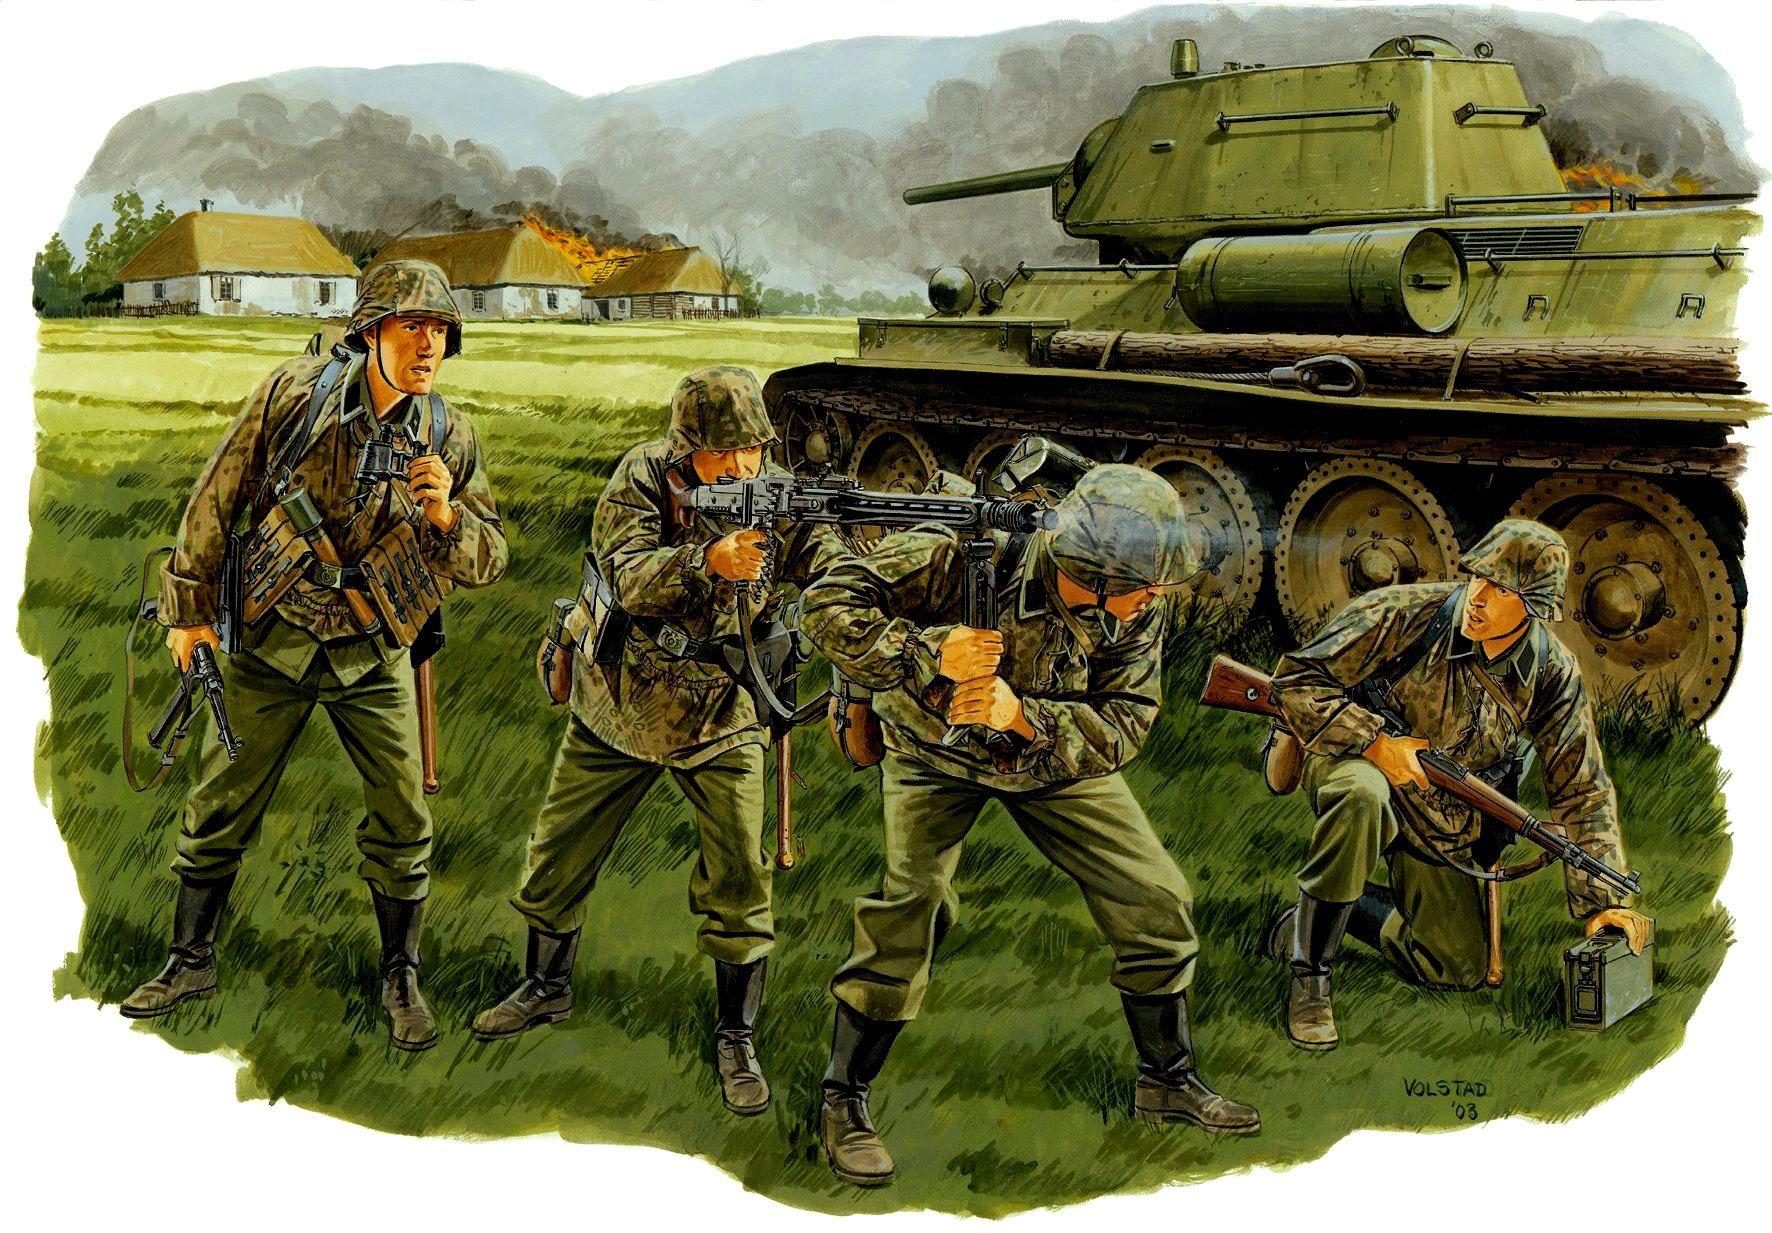 Batalla de Kursk, verano de 1.943. Ron Volstad Panzergrenadiere de la Leibstandarte abriendo fuego con su MG-42, al lado un T-34/76 modelo 1943 con pasamanos en la torreta que fue diseñada para que la infantes mecanizados puedan asirse a ella, esto era una necesidad en el campo de batalla debido a la falta de vehículos blindados para la infantería en el Ejercito Rojo. Más en www.elgrancapitan.org/foro/